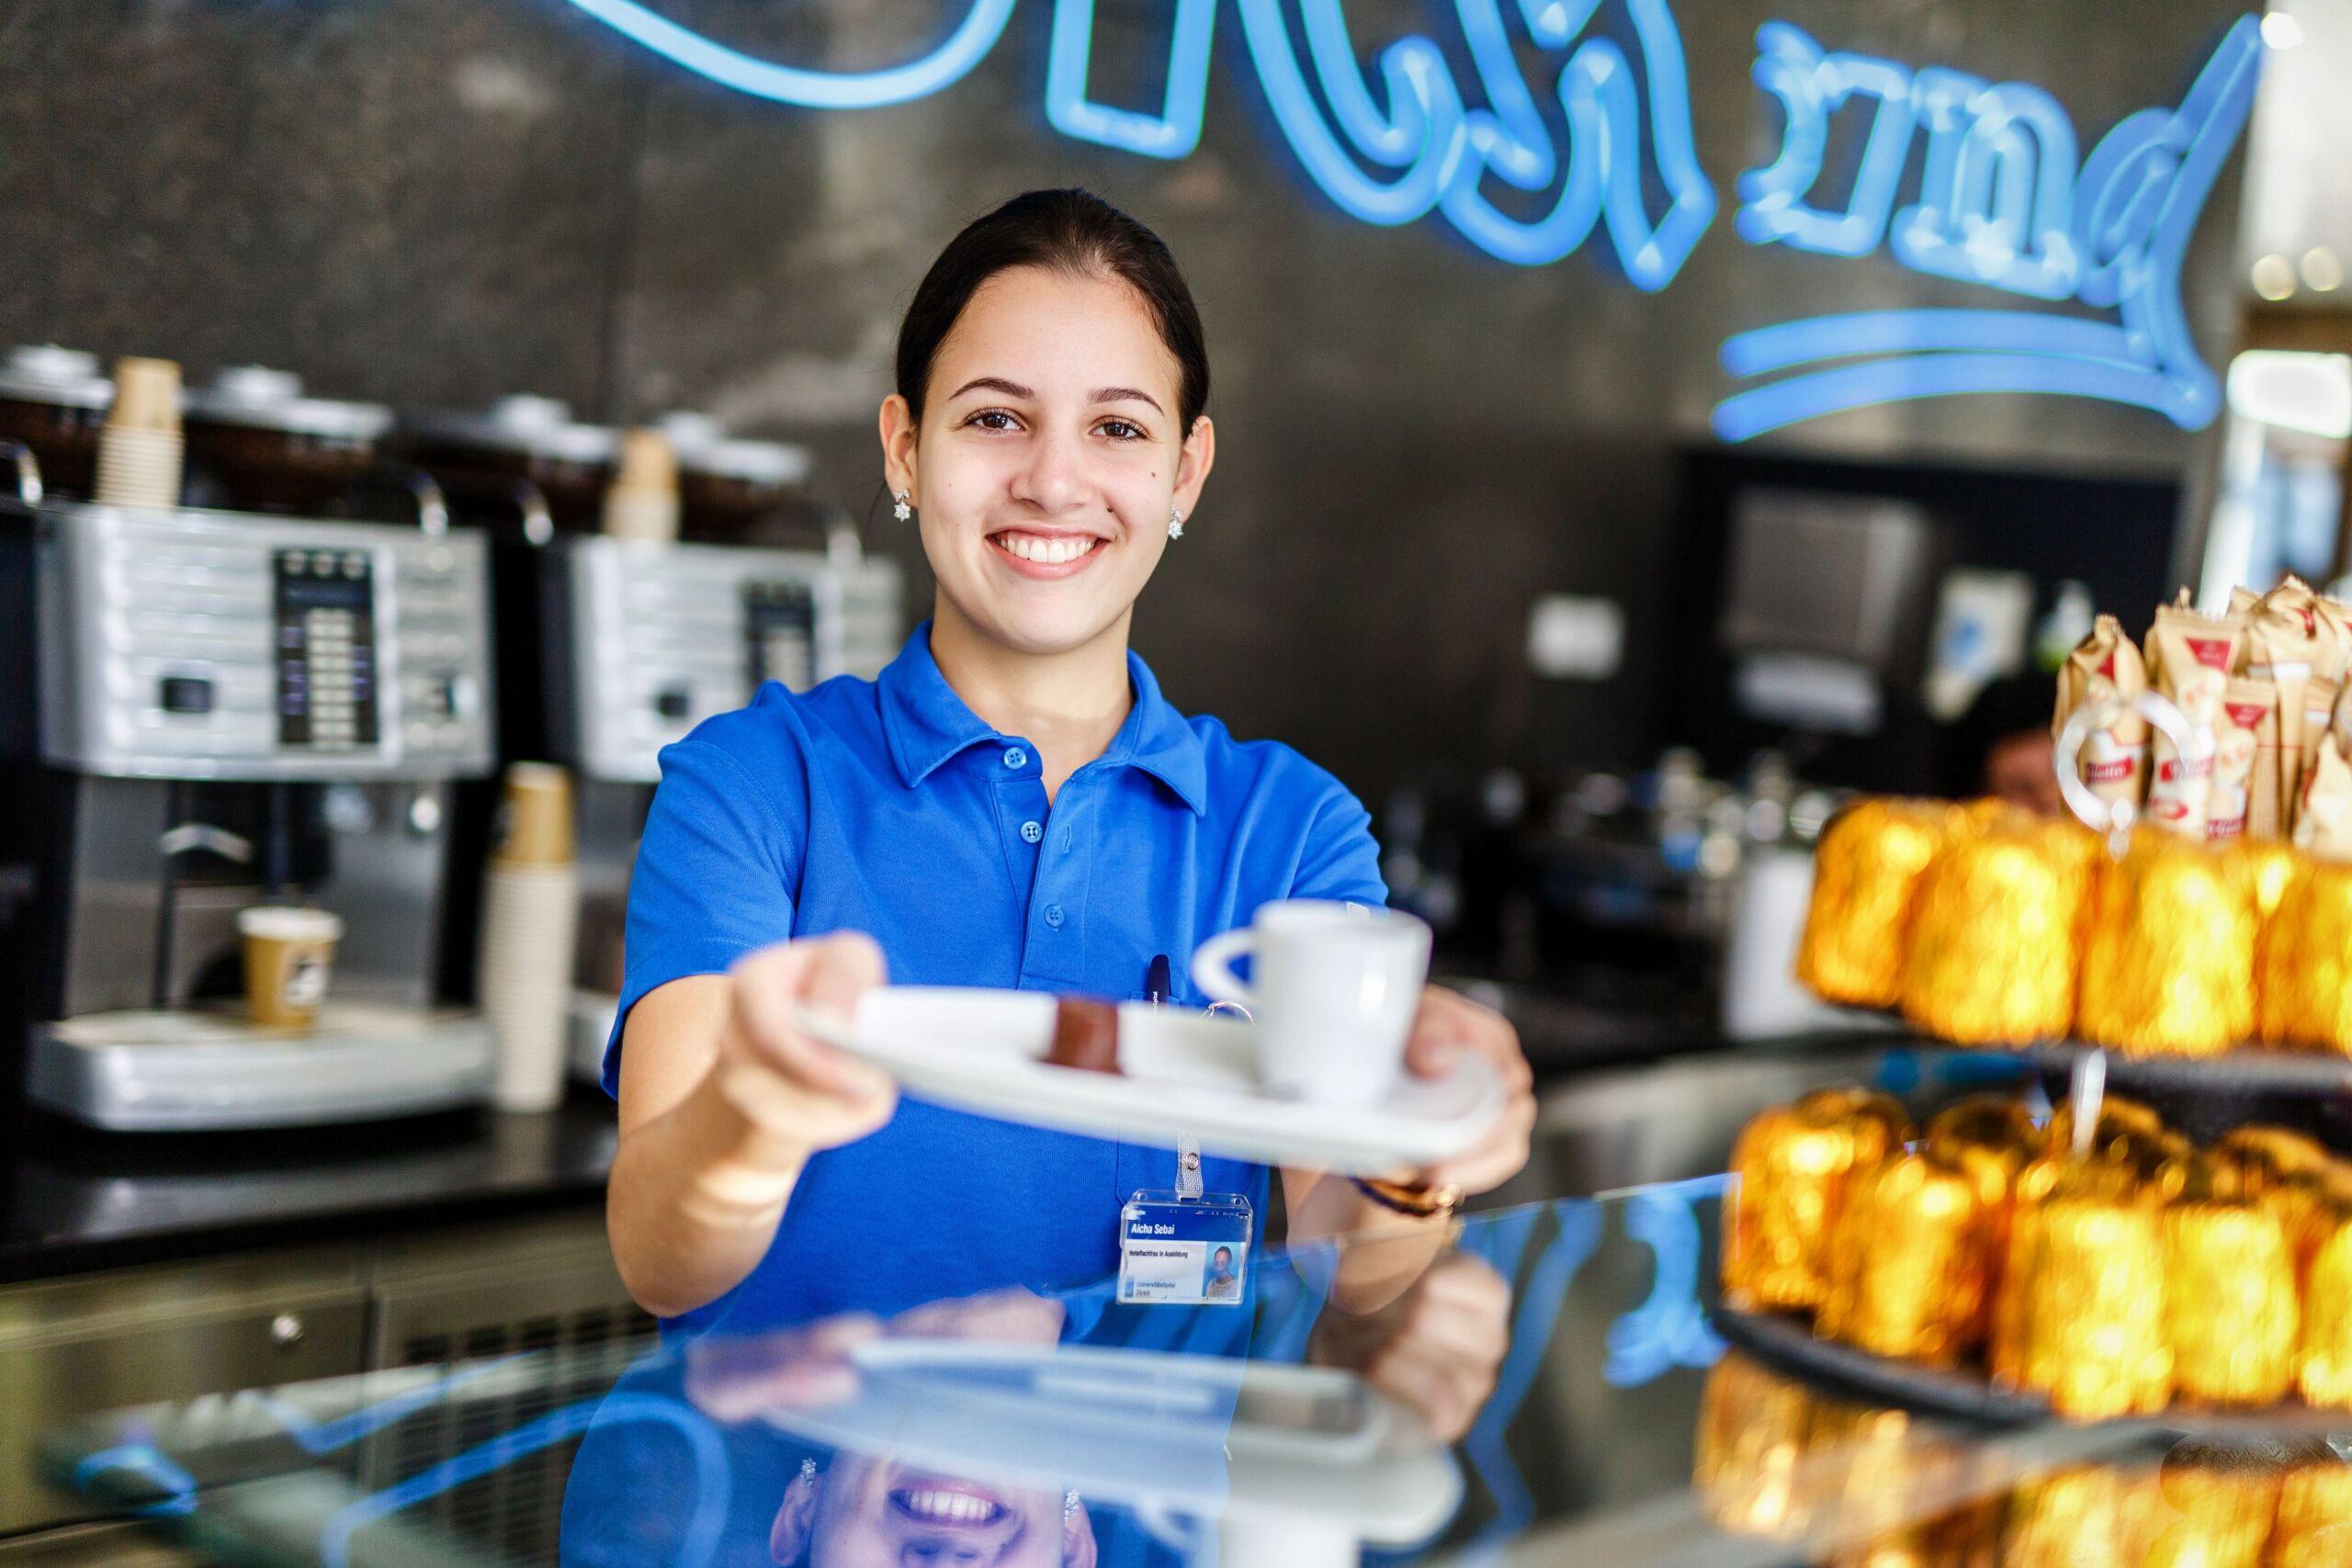 Hotelfachfrau EFZ in Ausbildung